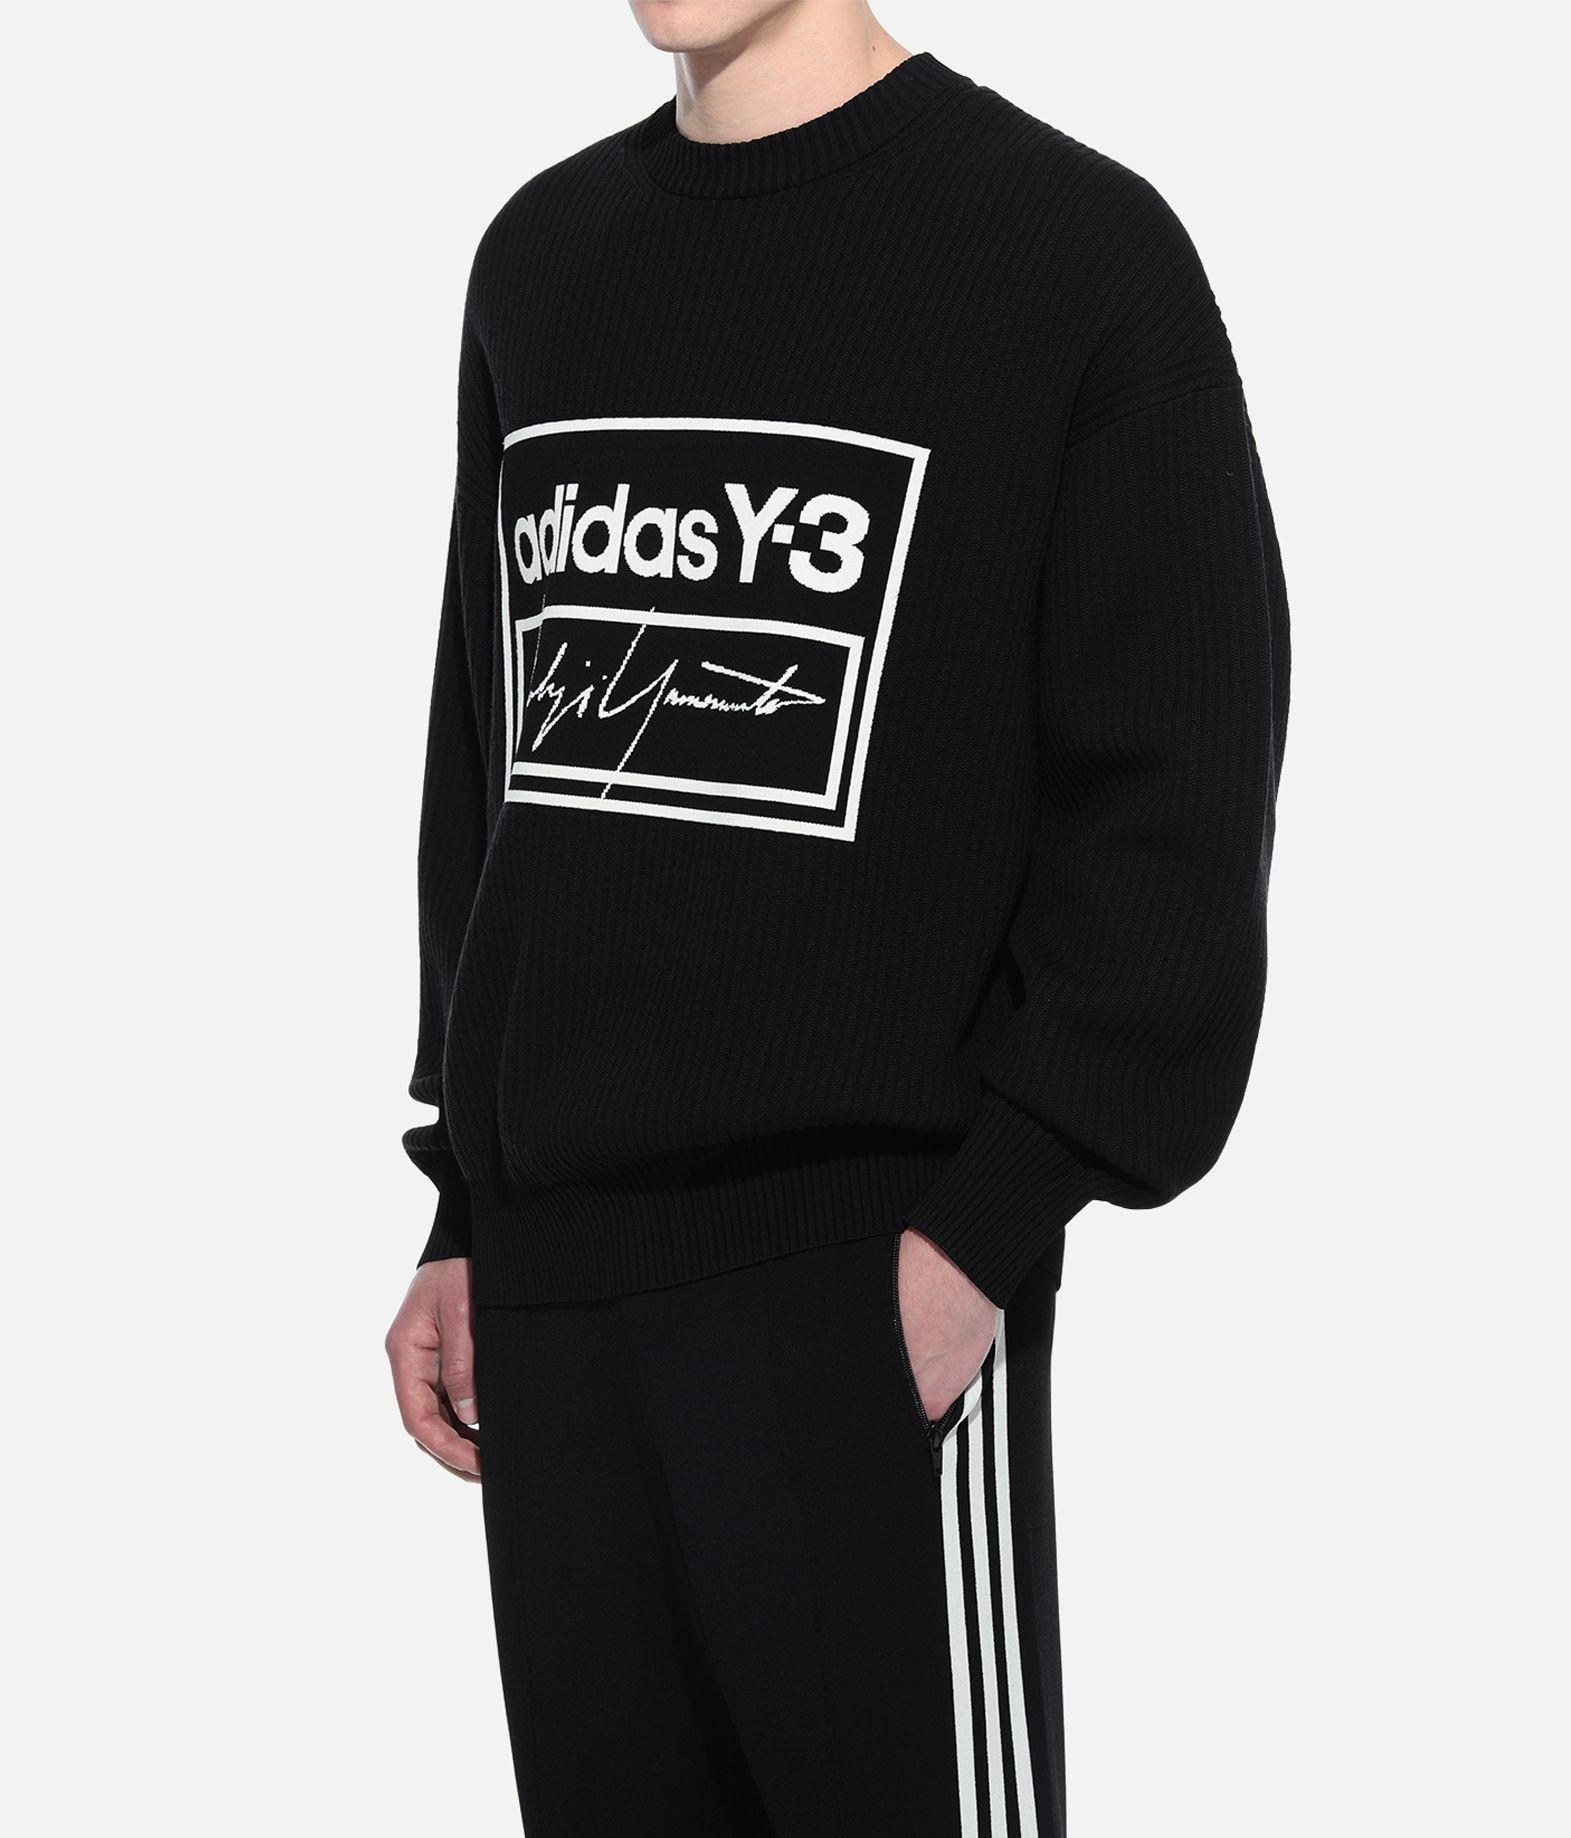 Y-3 Y-3 Tech Knit Crew Sweatshirt Long sleeve sweater Man e